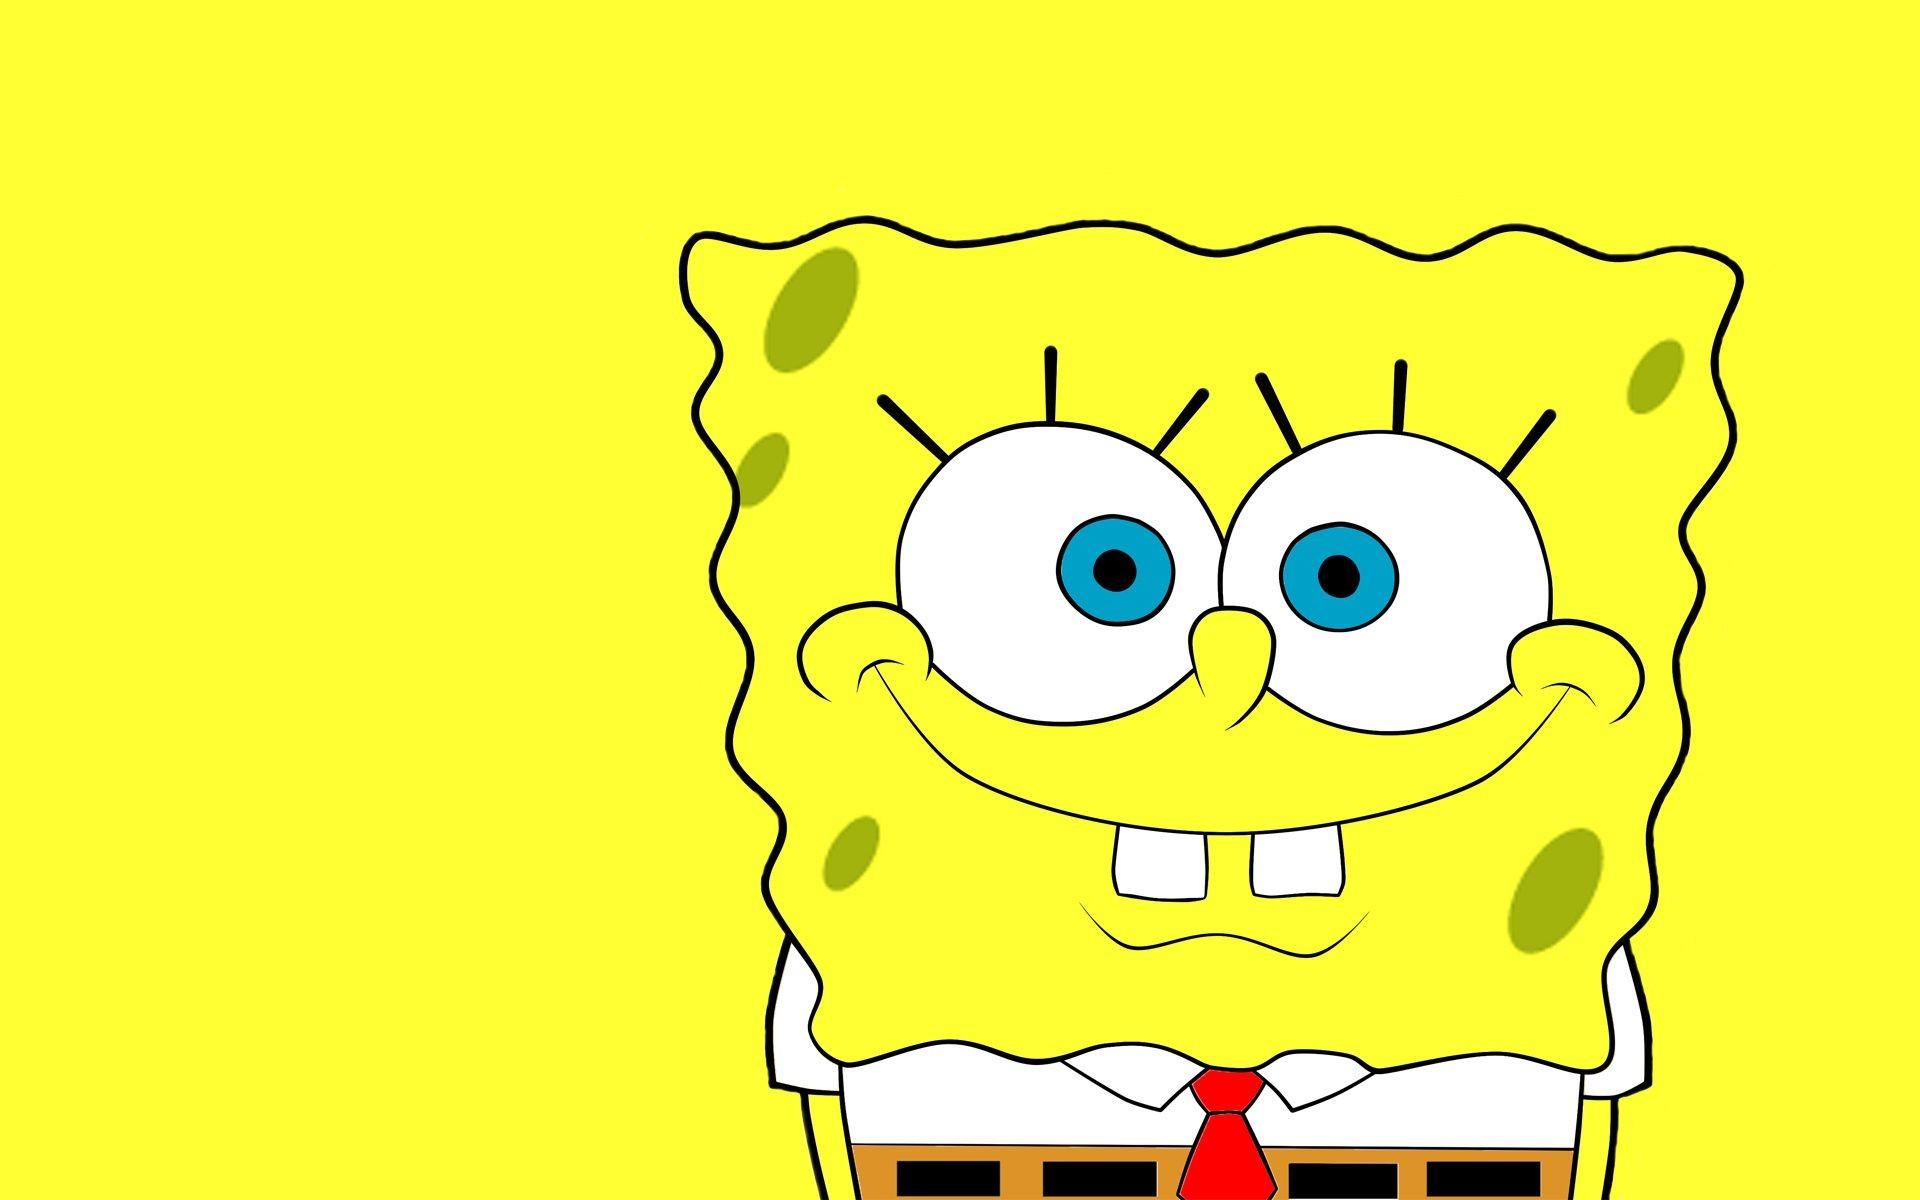 Spongebob Squarepants Computer Wallpapers, Desktop Backgrounds .